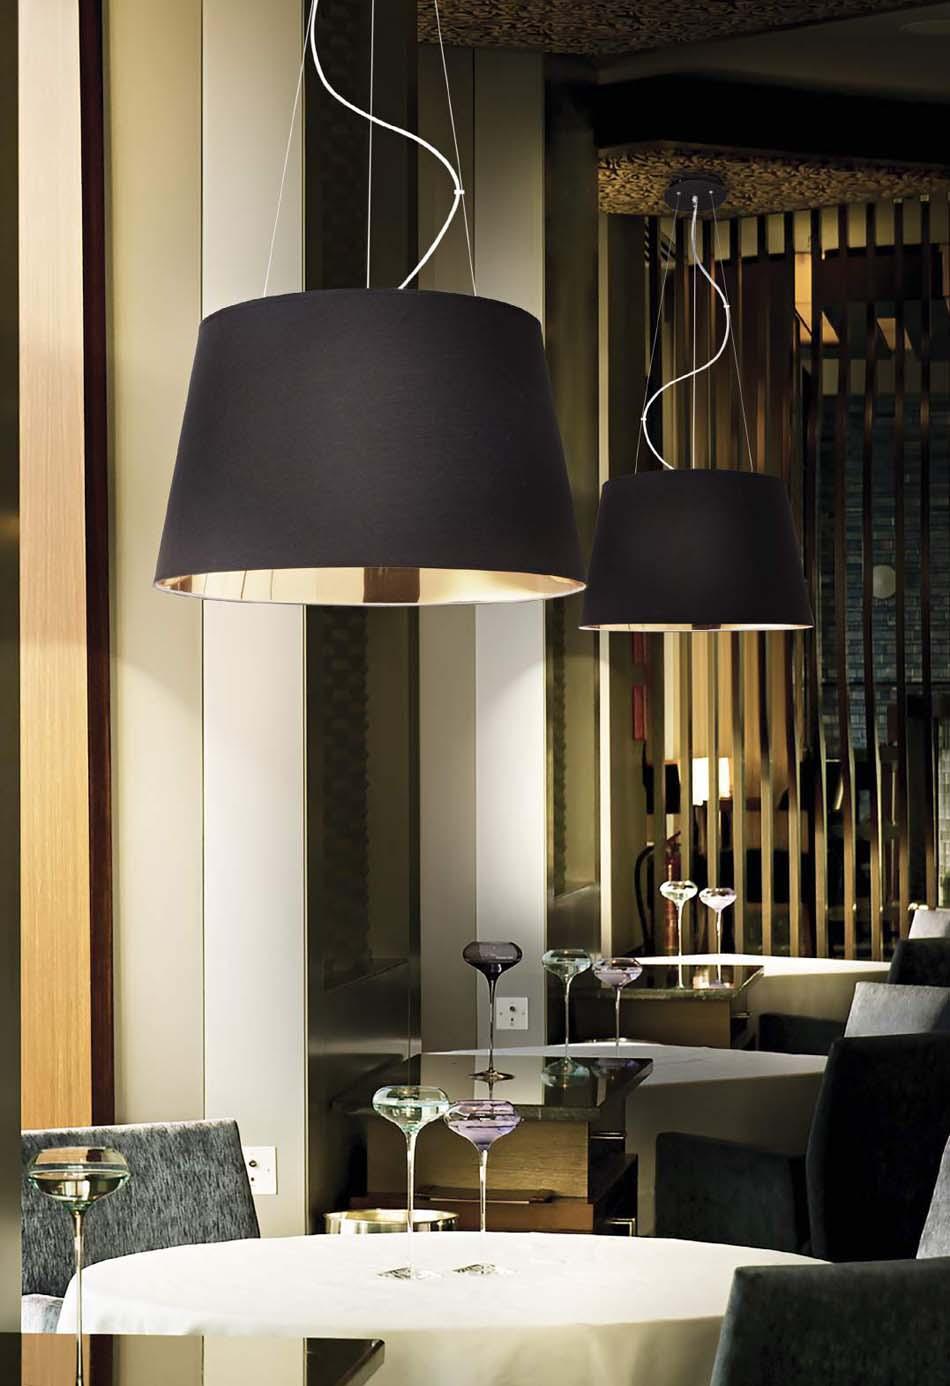 Lampade sospensione Ideal Lux nordik – Bruni Arredamenti